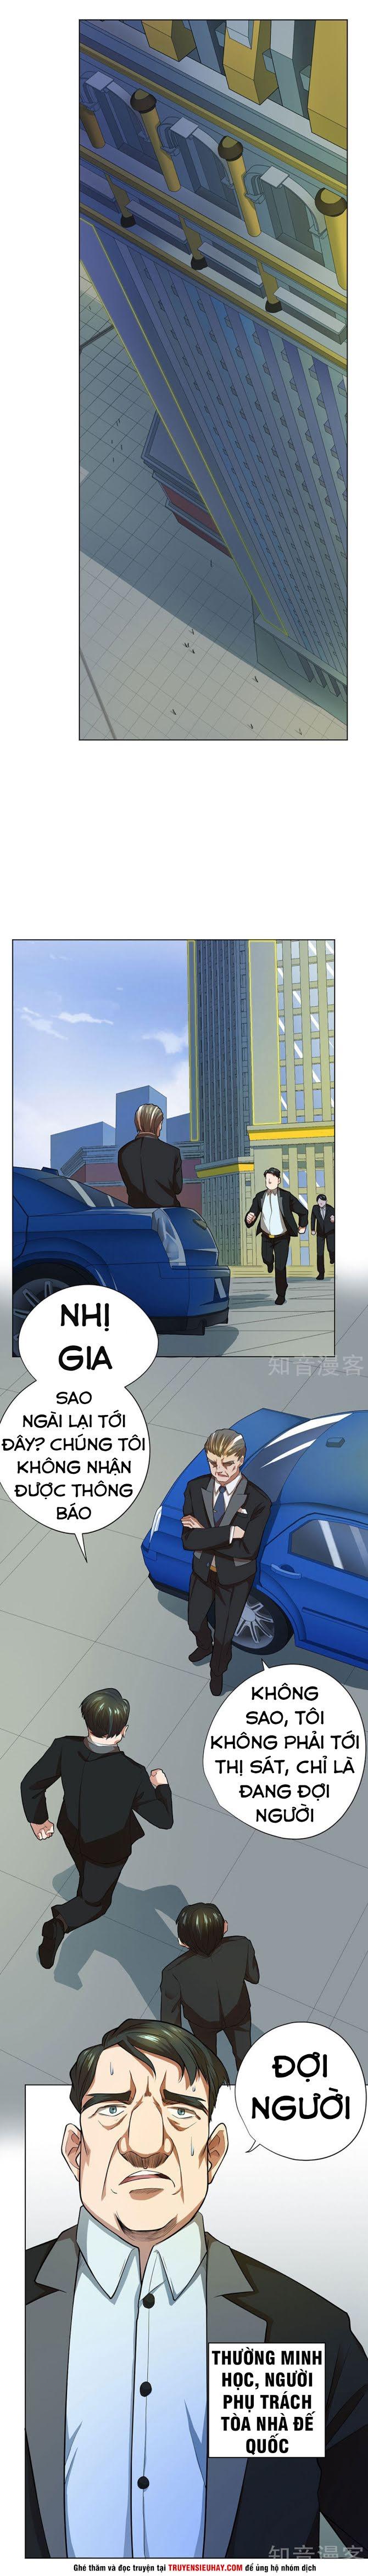 Nghịch Thiên Thần Y Chapter 47 Upload bởi truyenmh.com